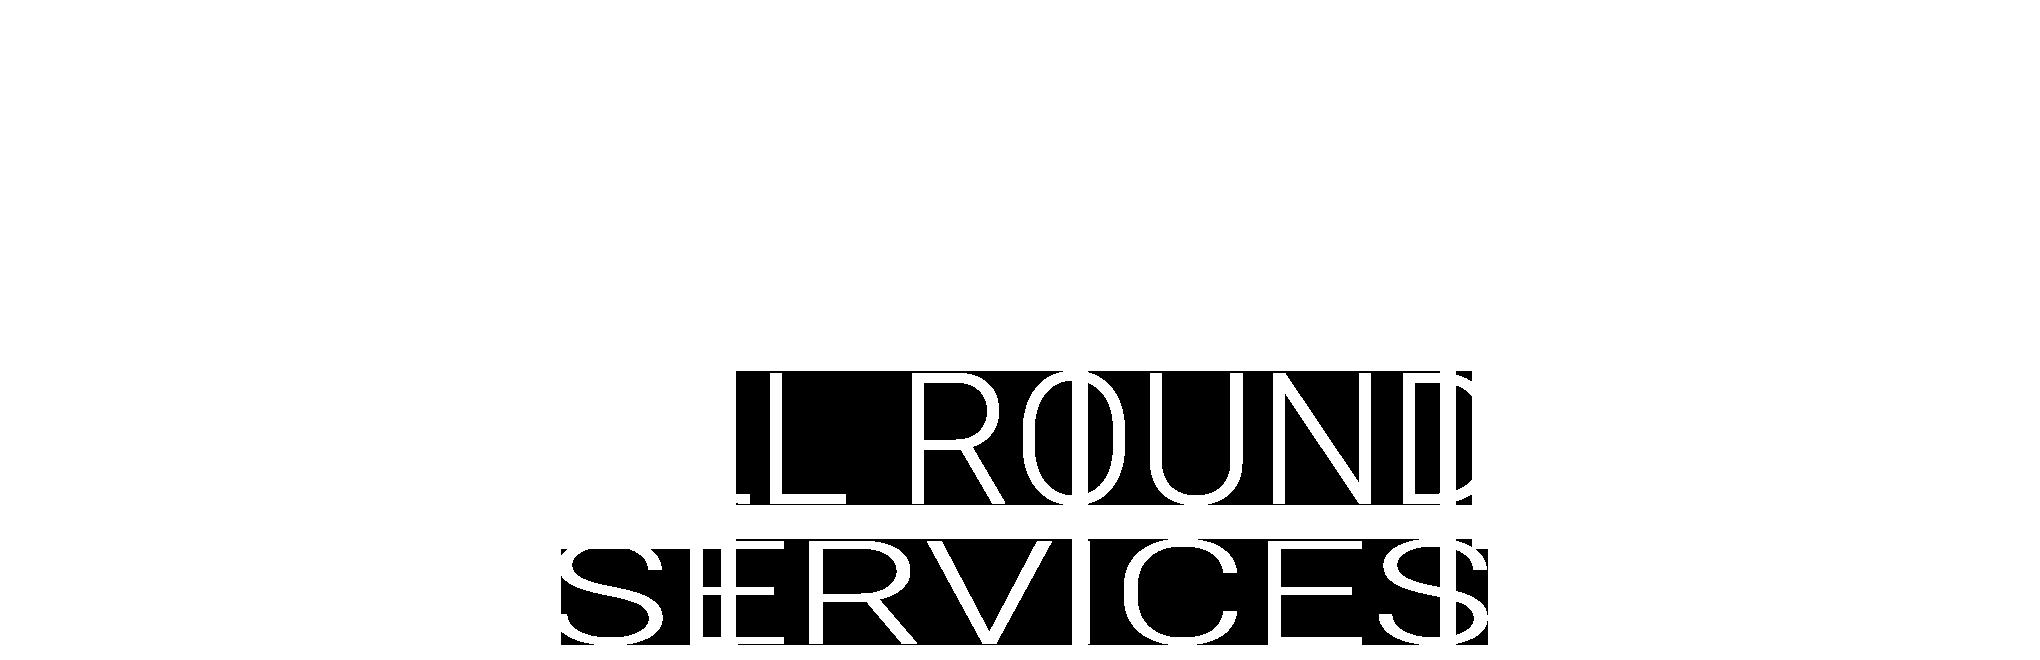 van Dijk allround services